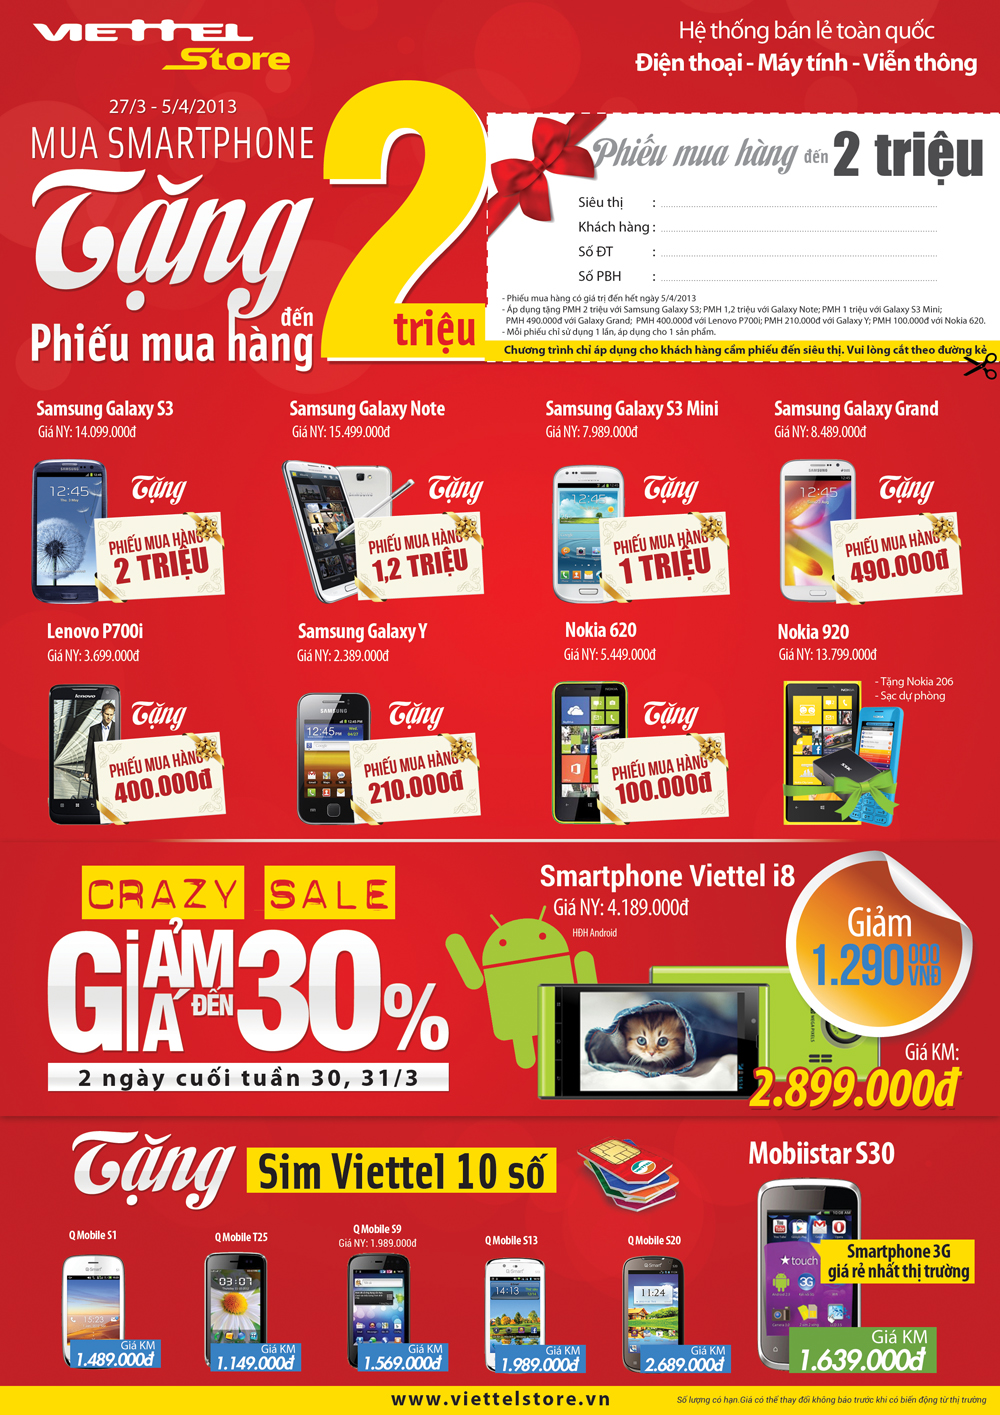 Tặng phiếu mua hàng đến 2.000.000 đồng cho khách hàng mua Smartphone